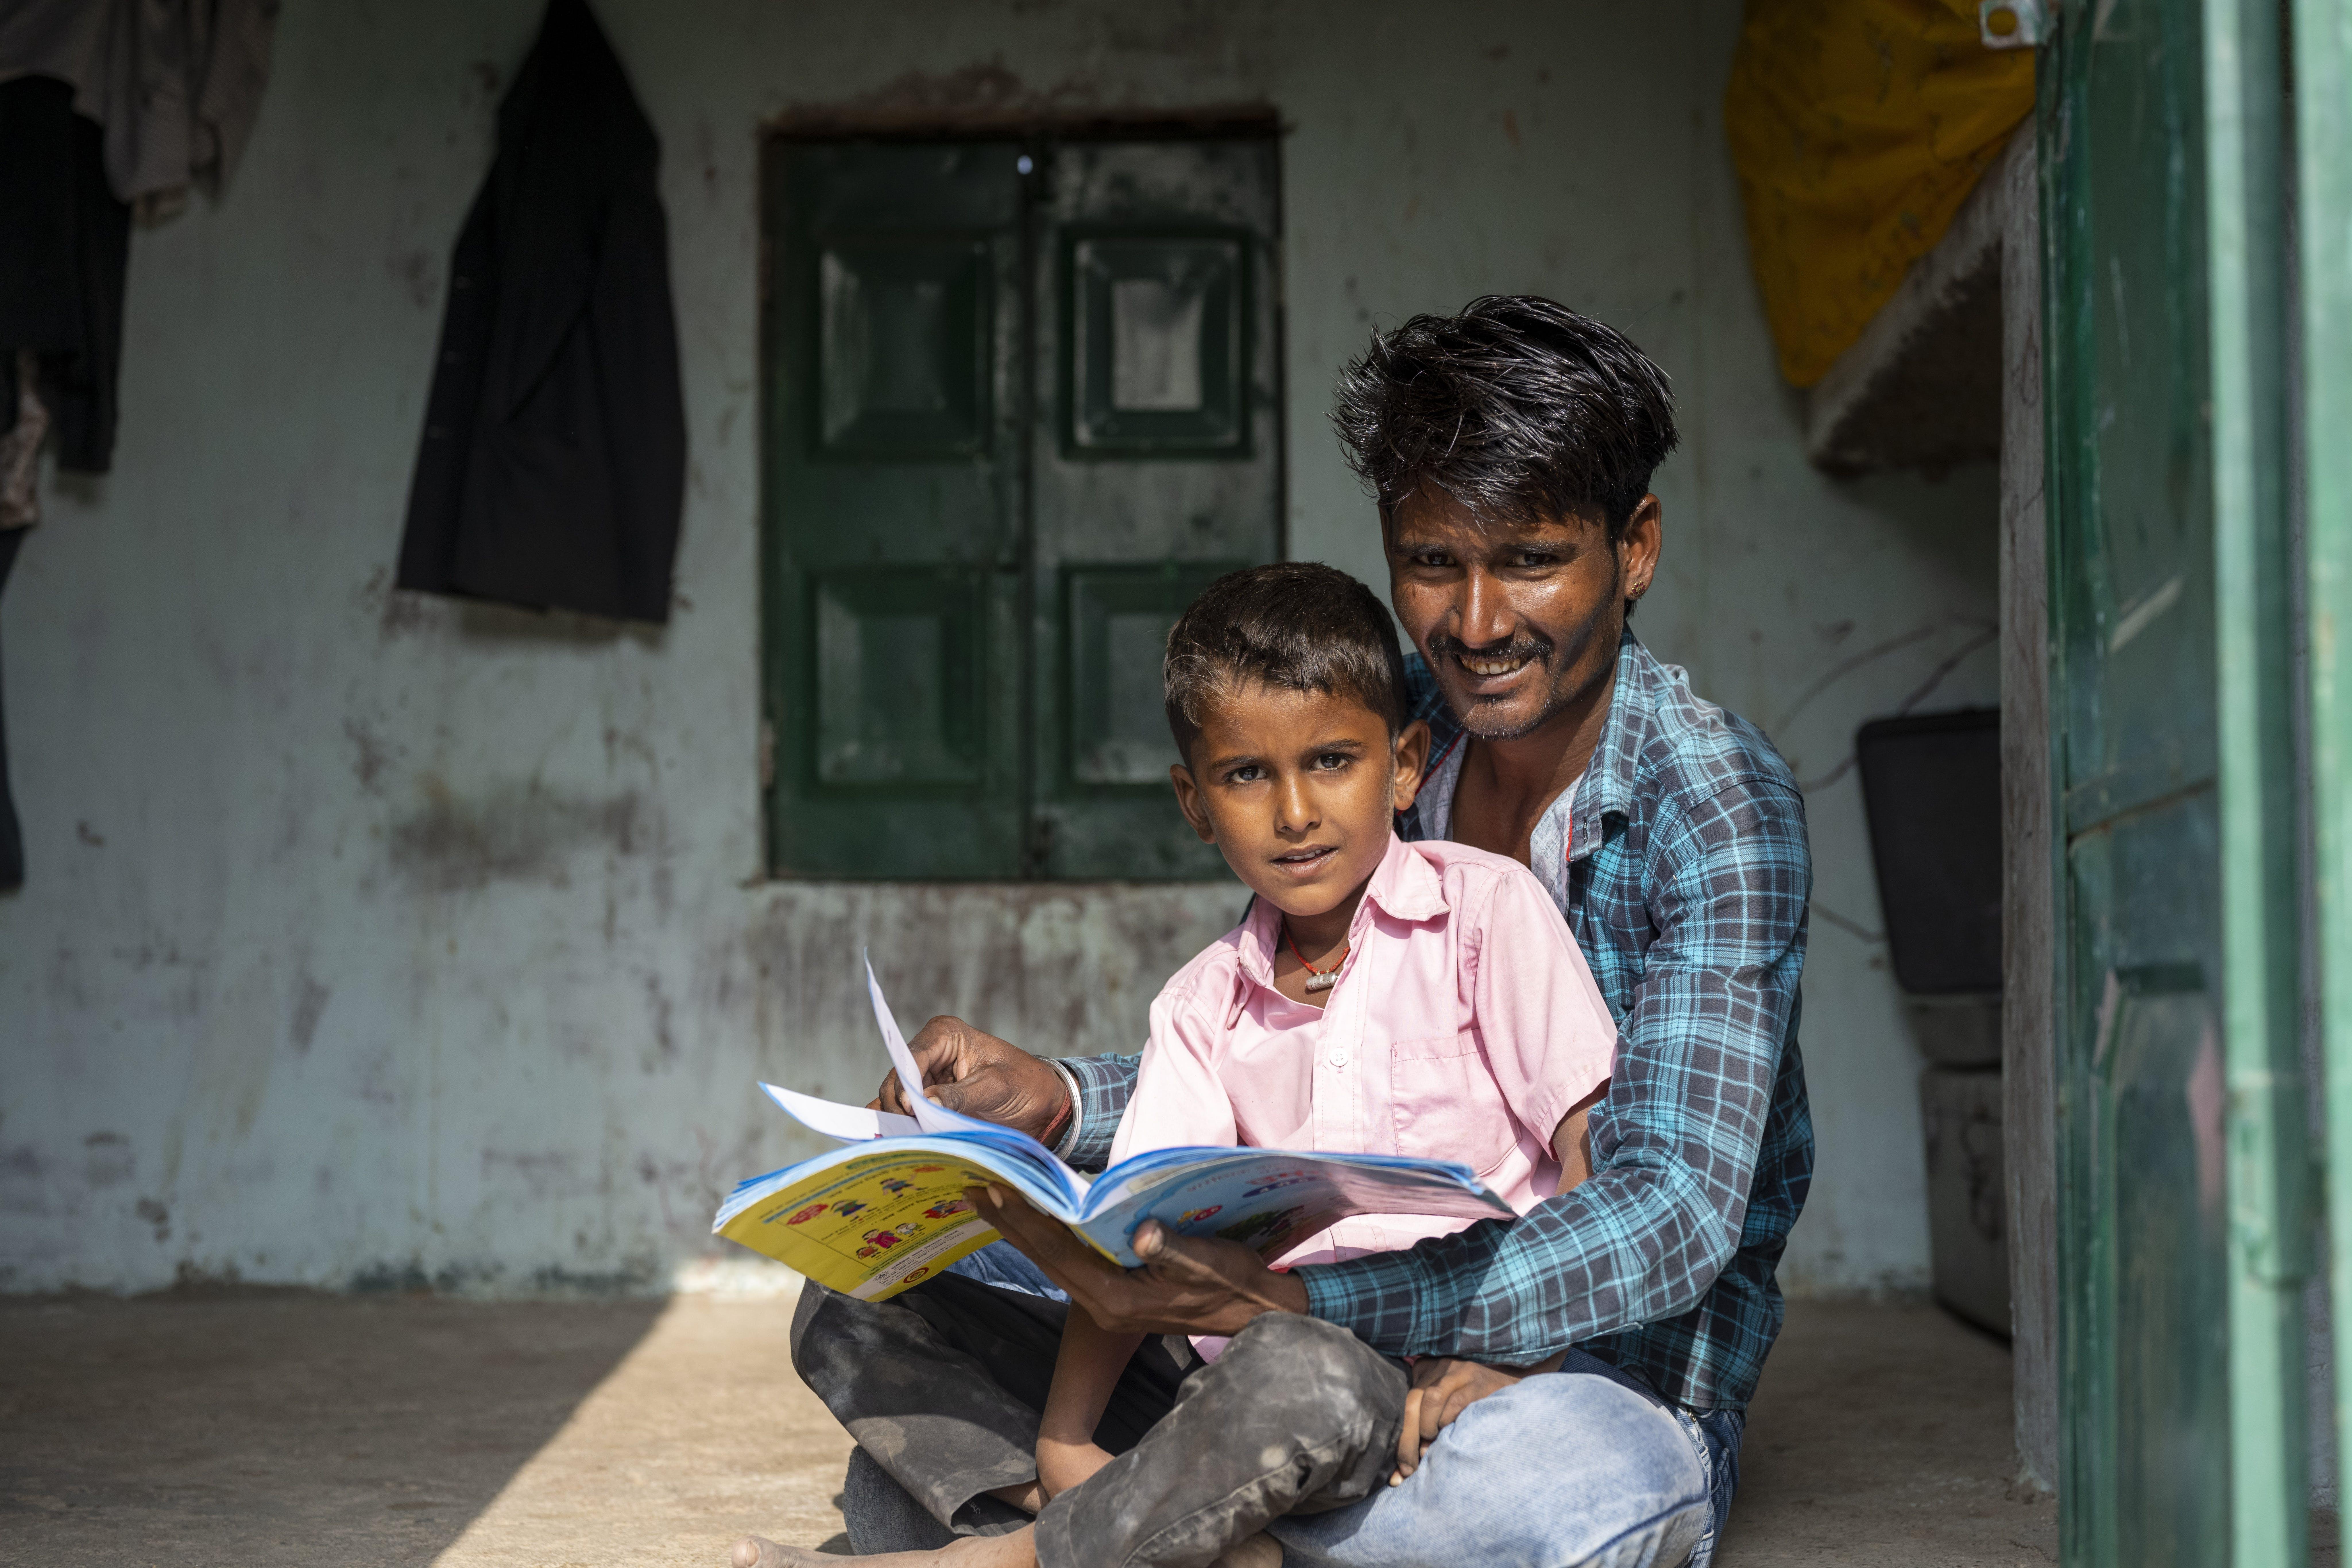 India, Abhishing aiuta  suo figlio Som con i compiti tutti i giorni da quando le scuole sono chiuse